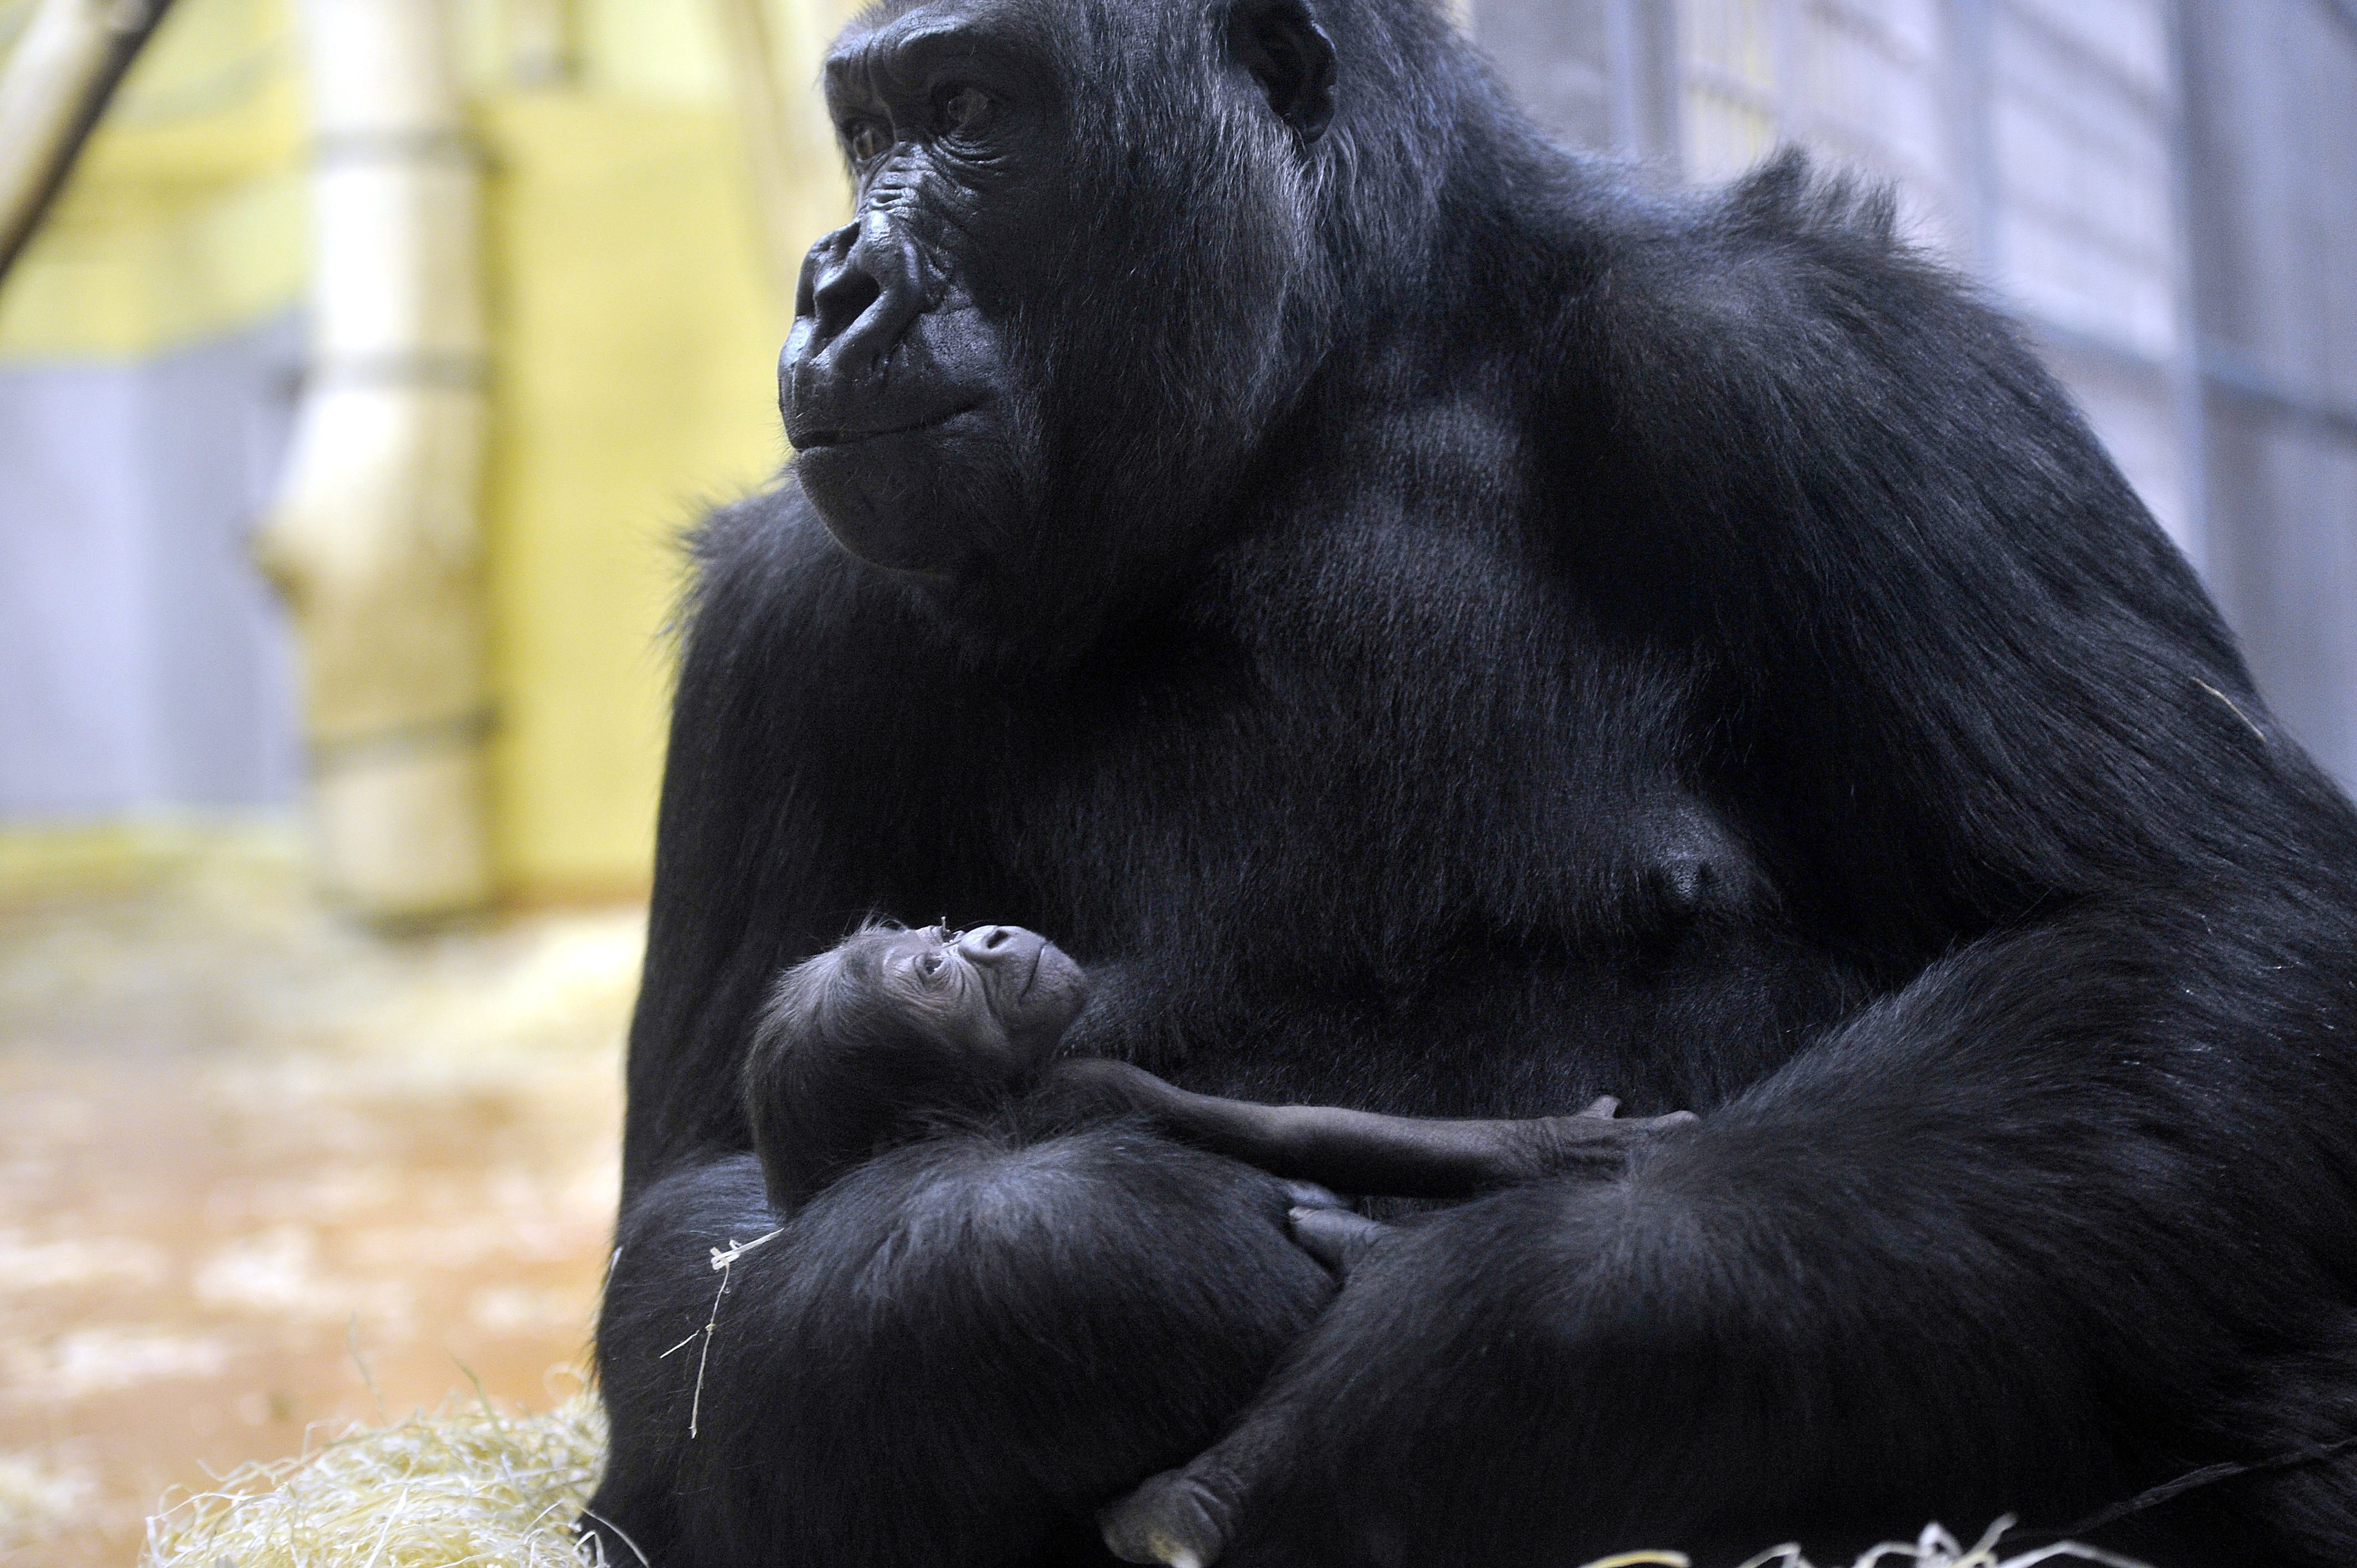 Bezárták az Emberszabású házat, mert a látogatók nem bírtak magukkal, amikor meglátták a karácsonyi gorillakölyköt